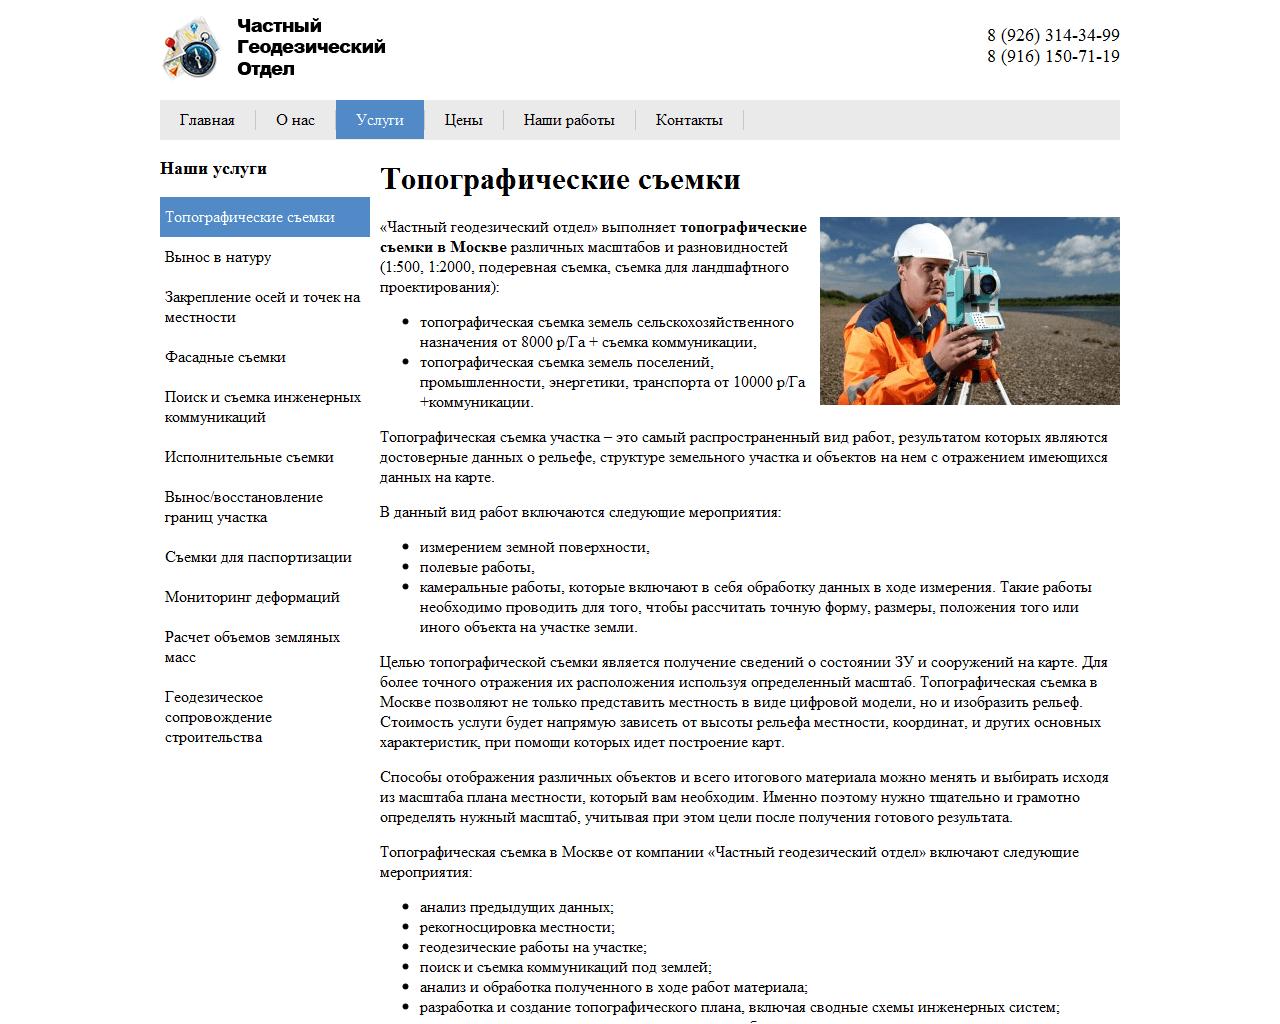 «Частный геодезический отдел» Москва